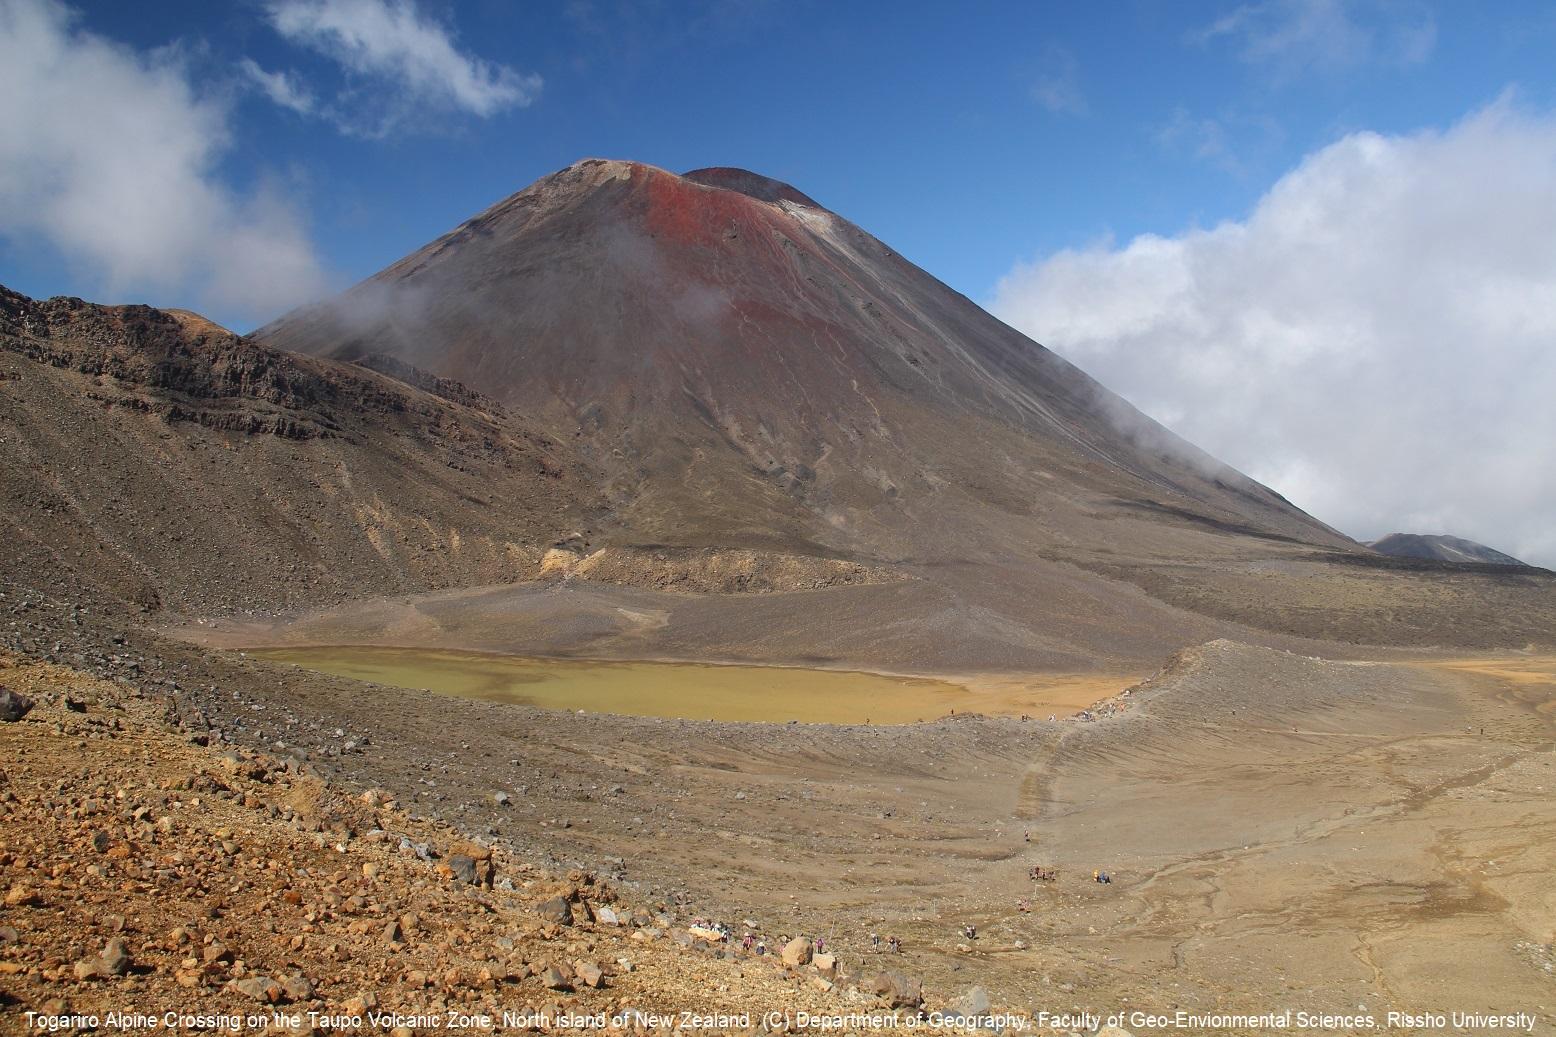 ニュージーランド北島,タウポ火山帯のトンガリロ国立公園を歩く